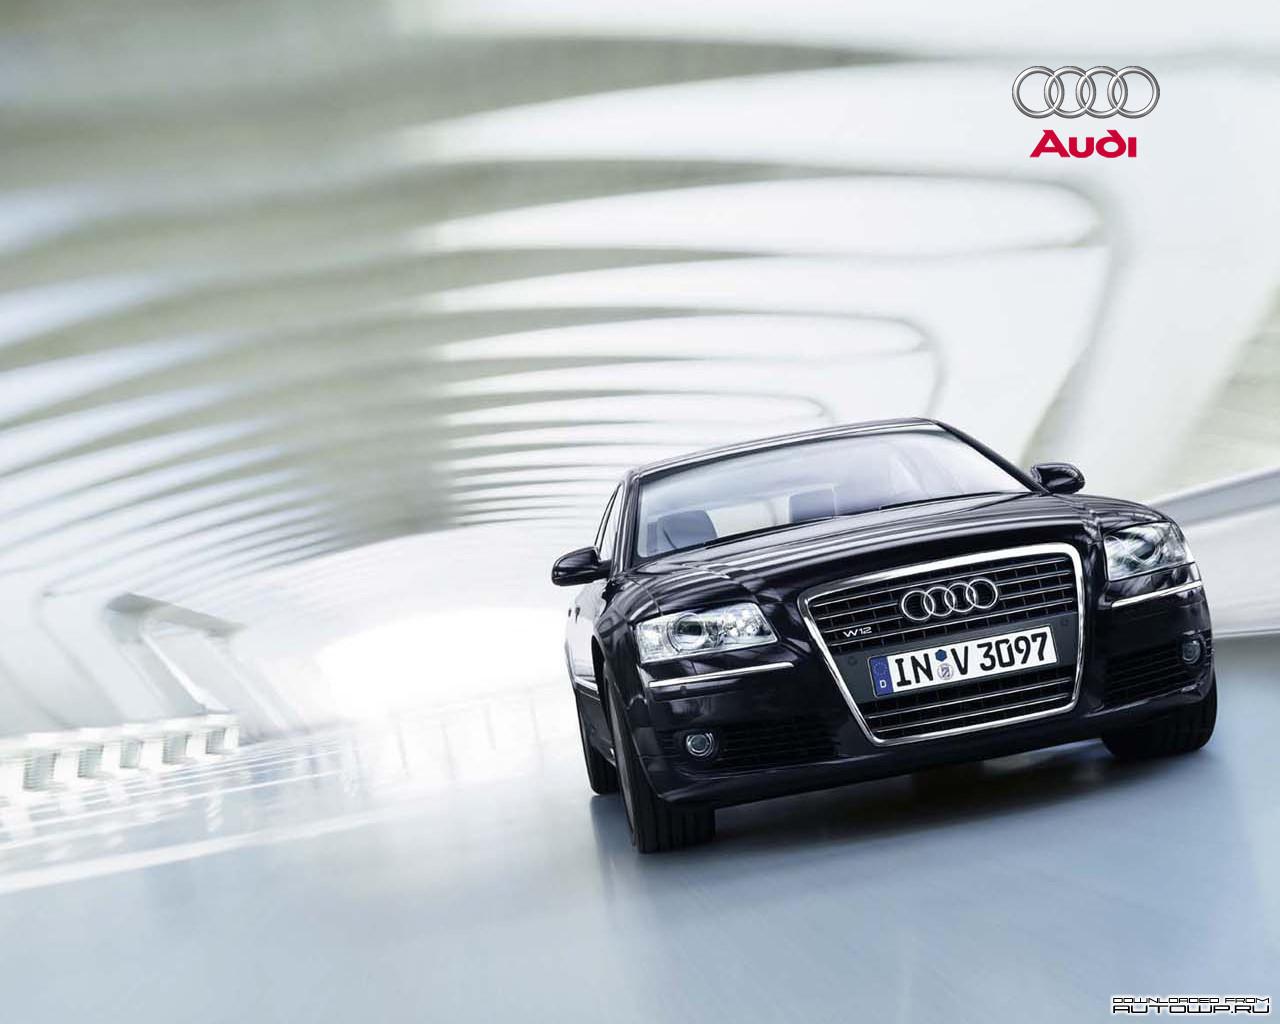 3889 скачать обои Транспорт, Машины, Ауди (Audi) - заставки и картинки бесплатно